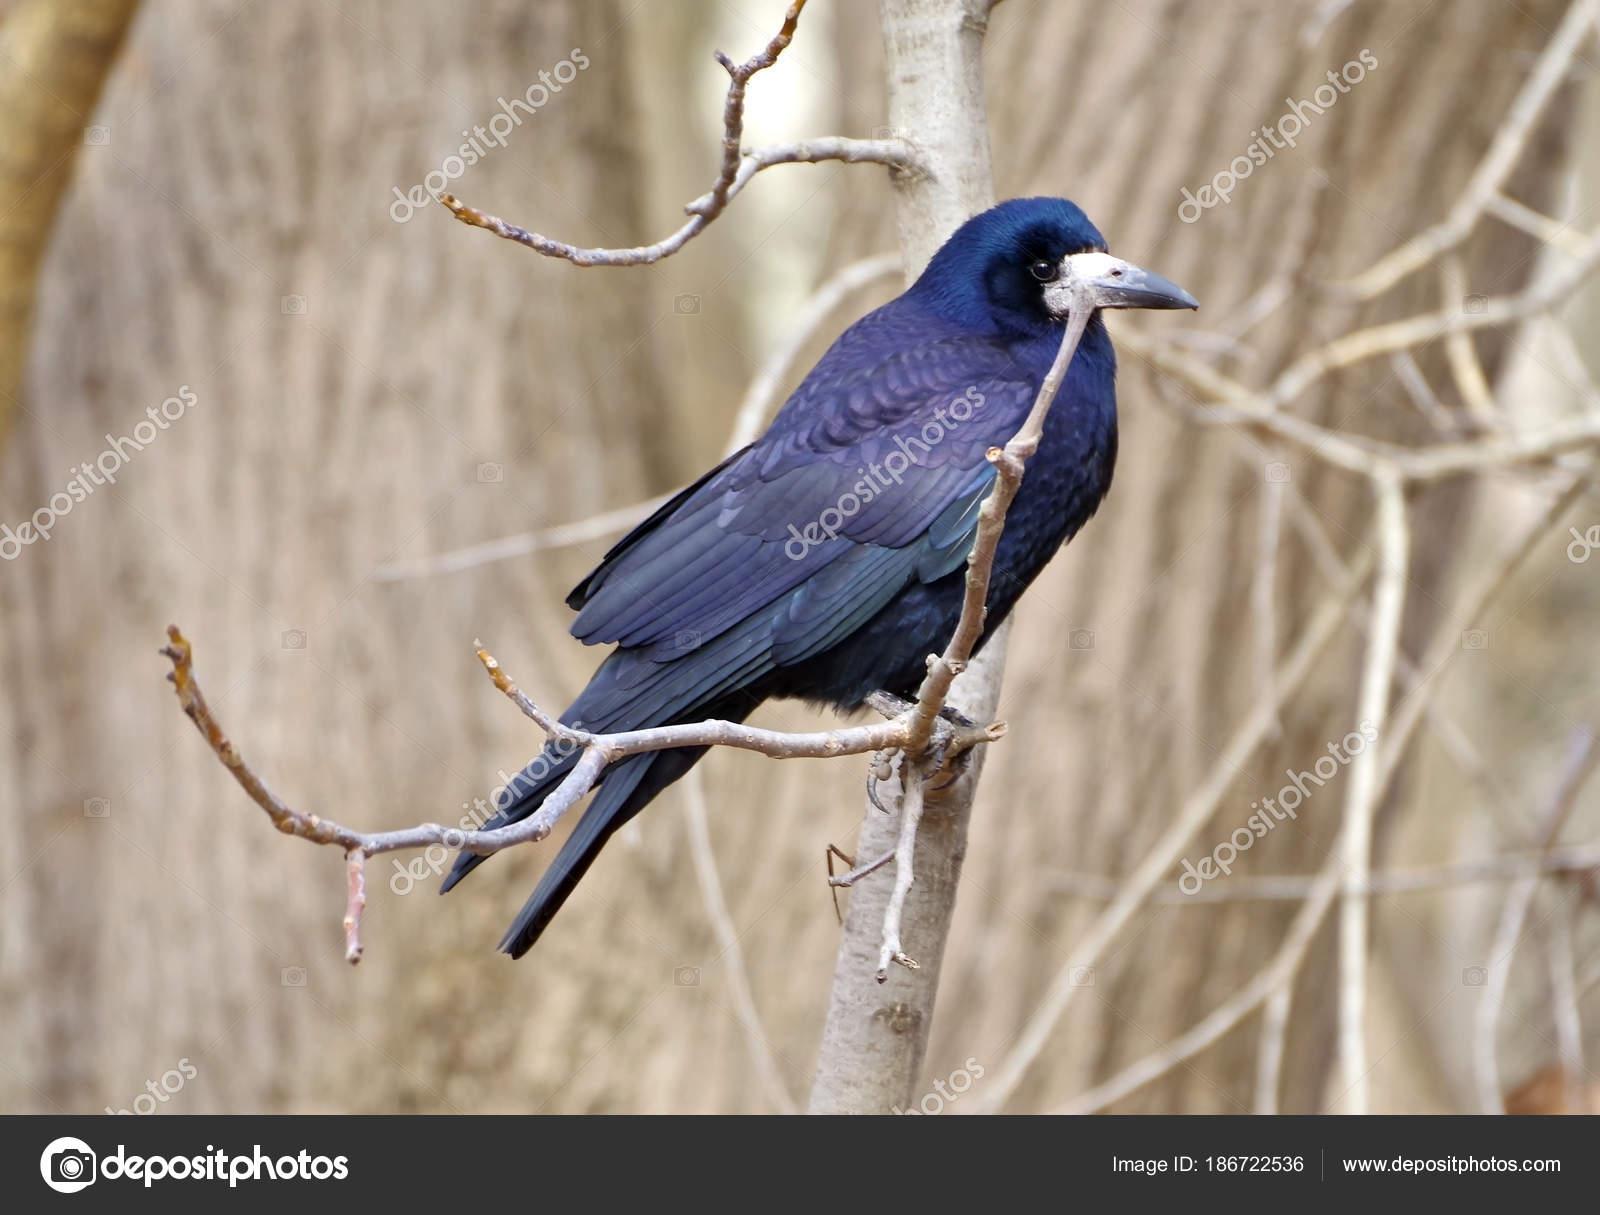 Το πρώτο μου μεγάλο μαύρο πουλί